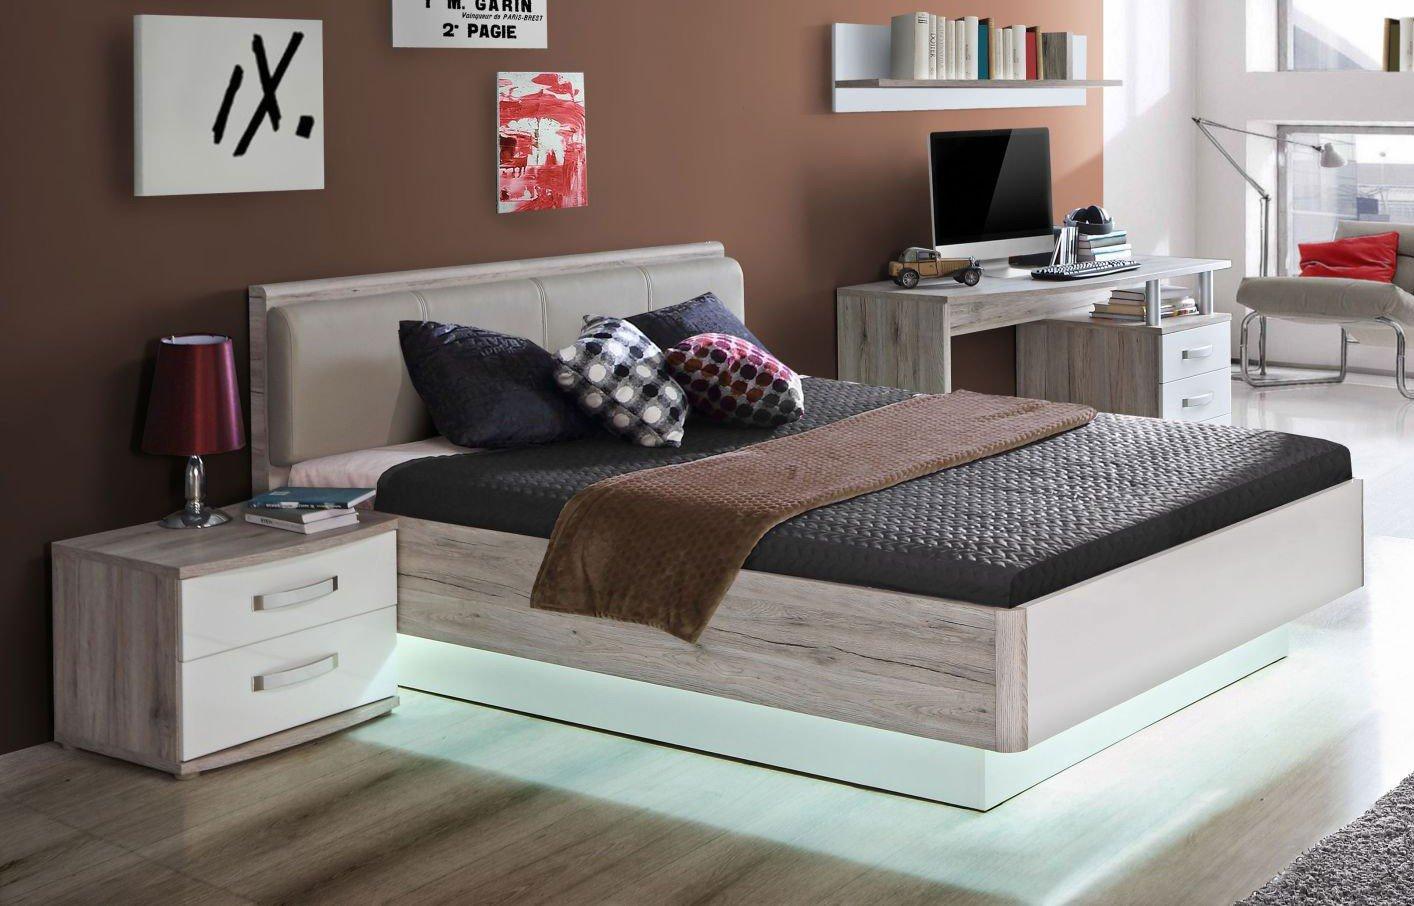 Full Size of Bett 140x200 Günstig Rondino 140 200 Cm Sandeiche Nachbildung Hochglanz Wei Küche Mit Elektrogeräten Japanische Betten 120 Schreibtisch Ausklappbares Futon Bett Bett 140x200 Günstig